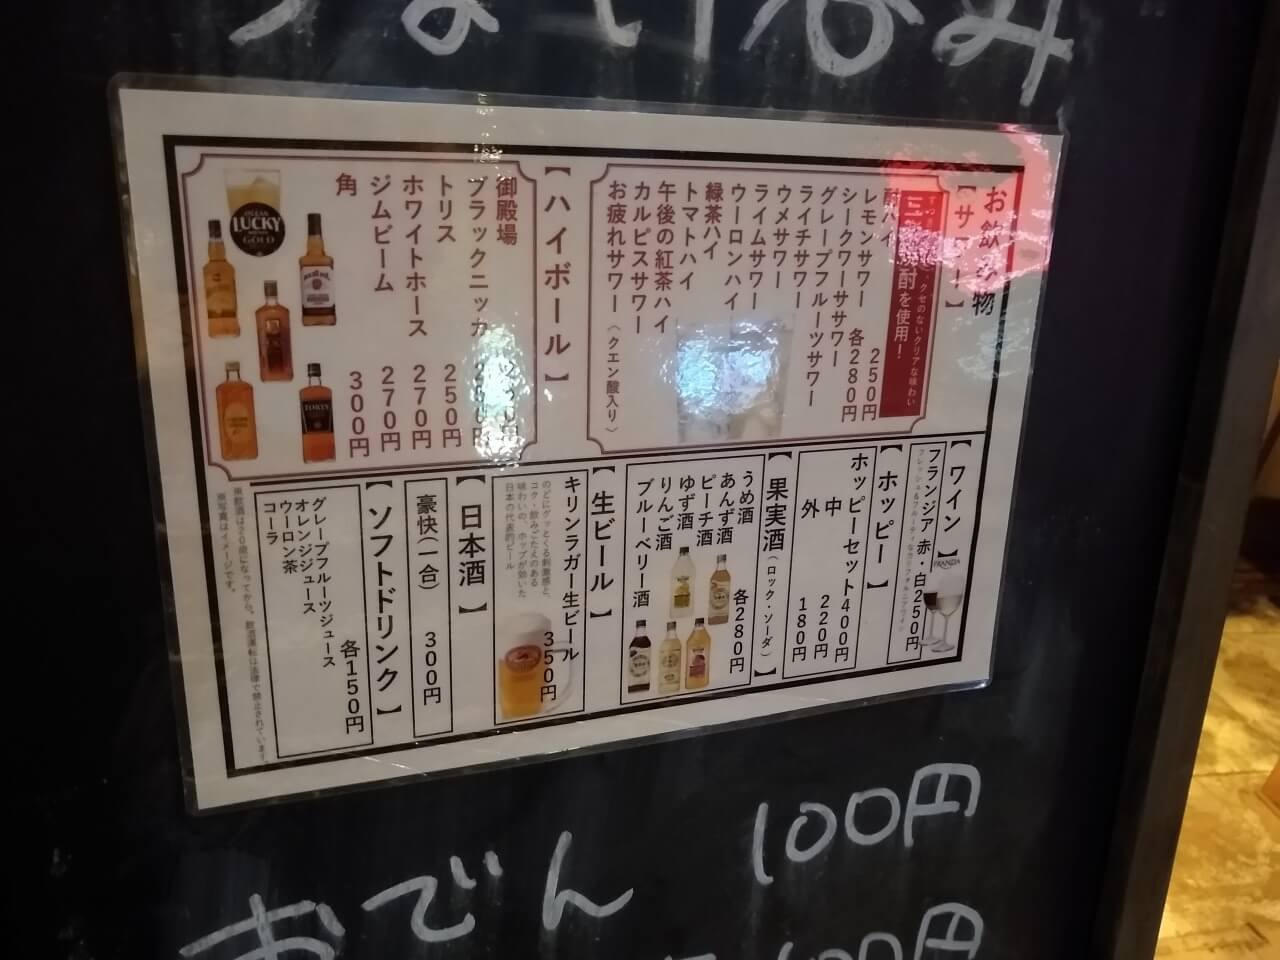 綱島せんべろやさい酒場